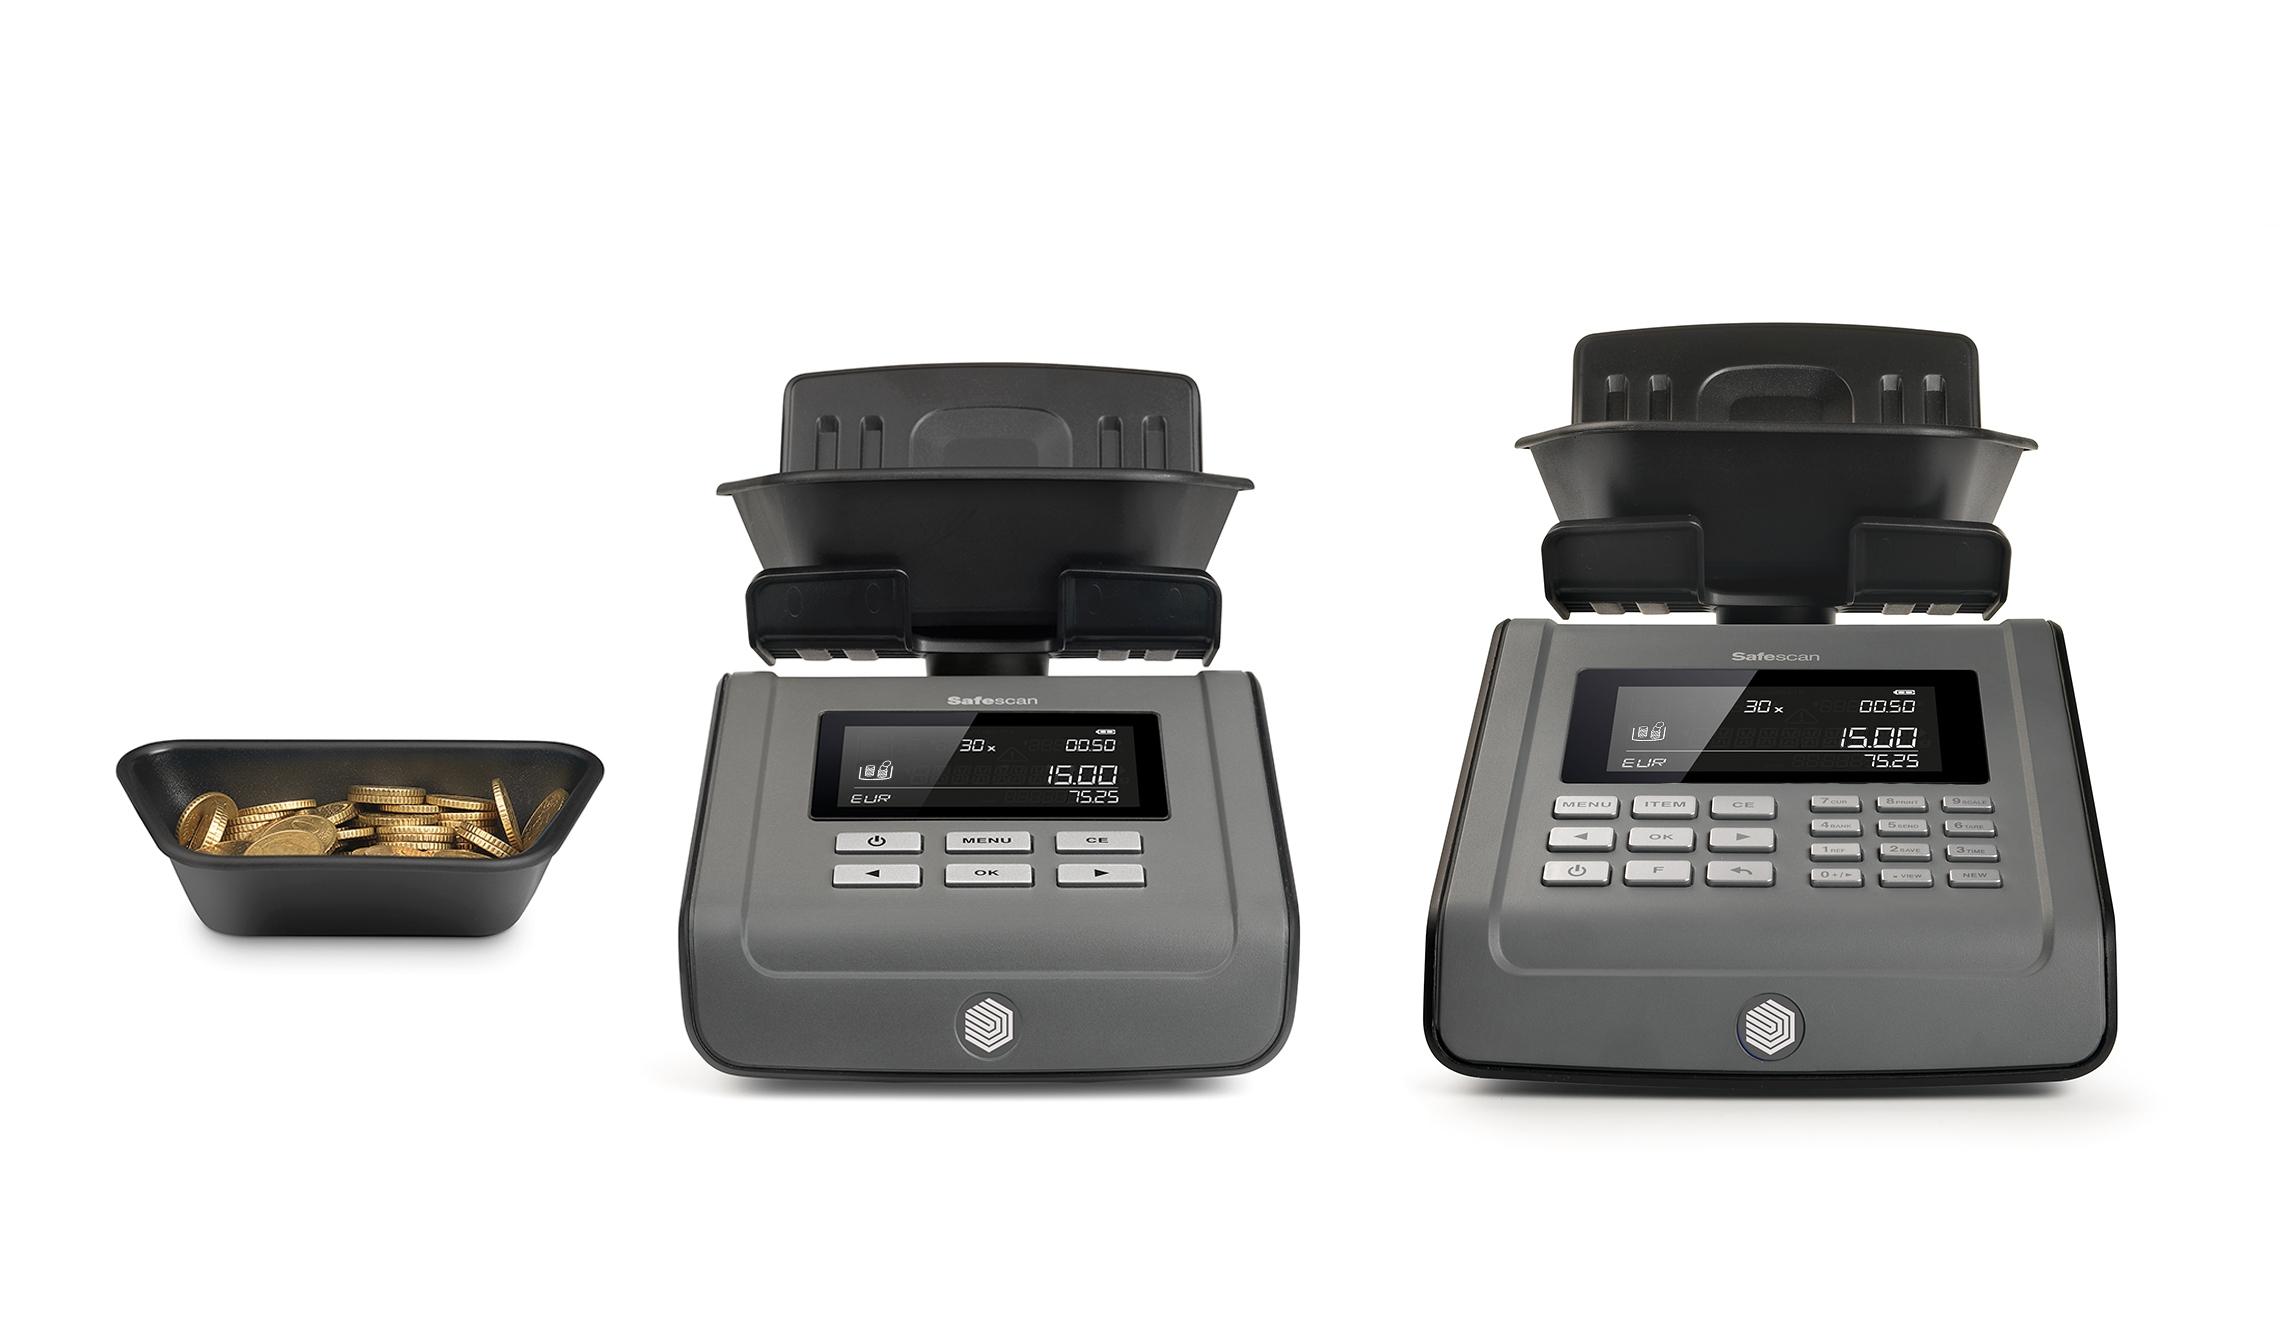 safescan-6100-vaschetta-per-monete